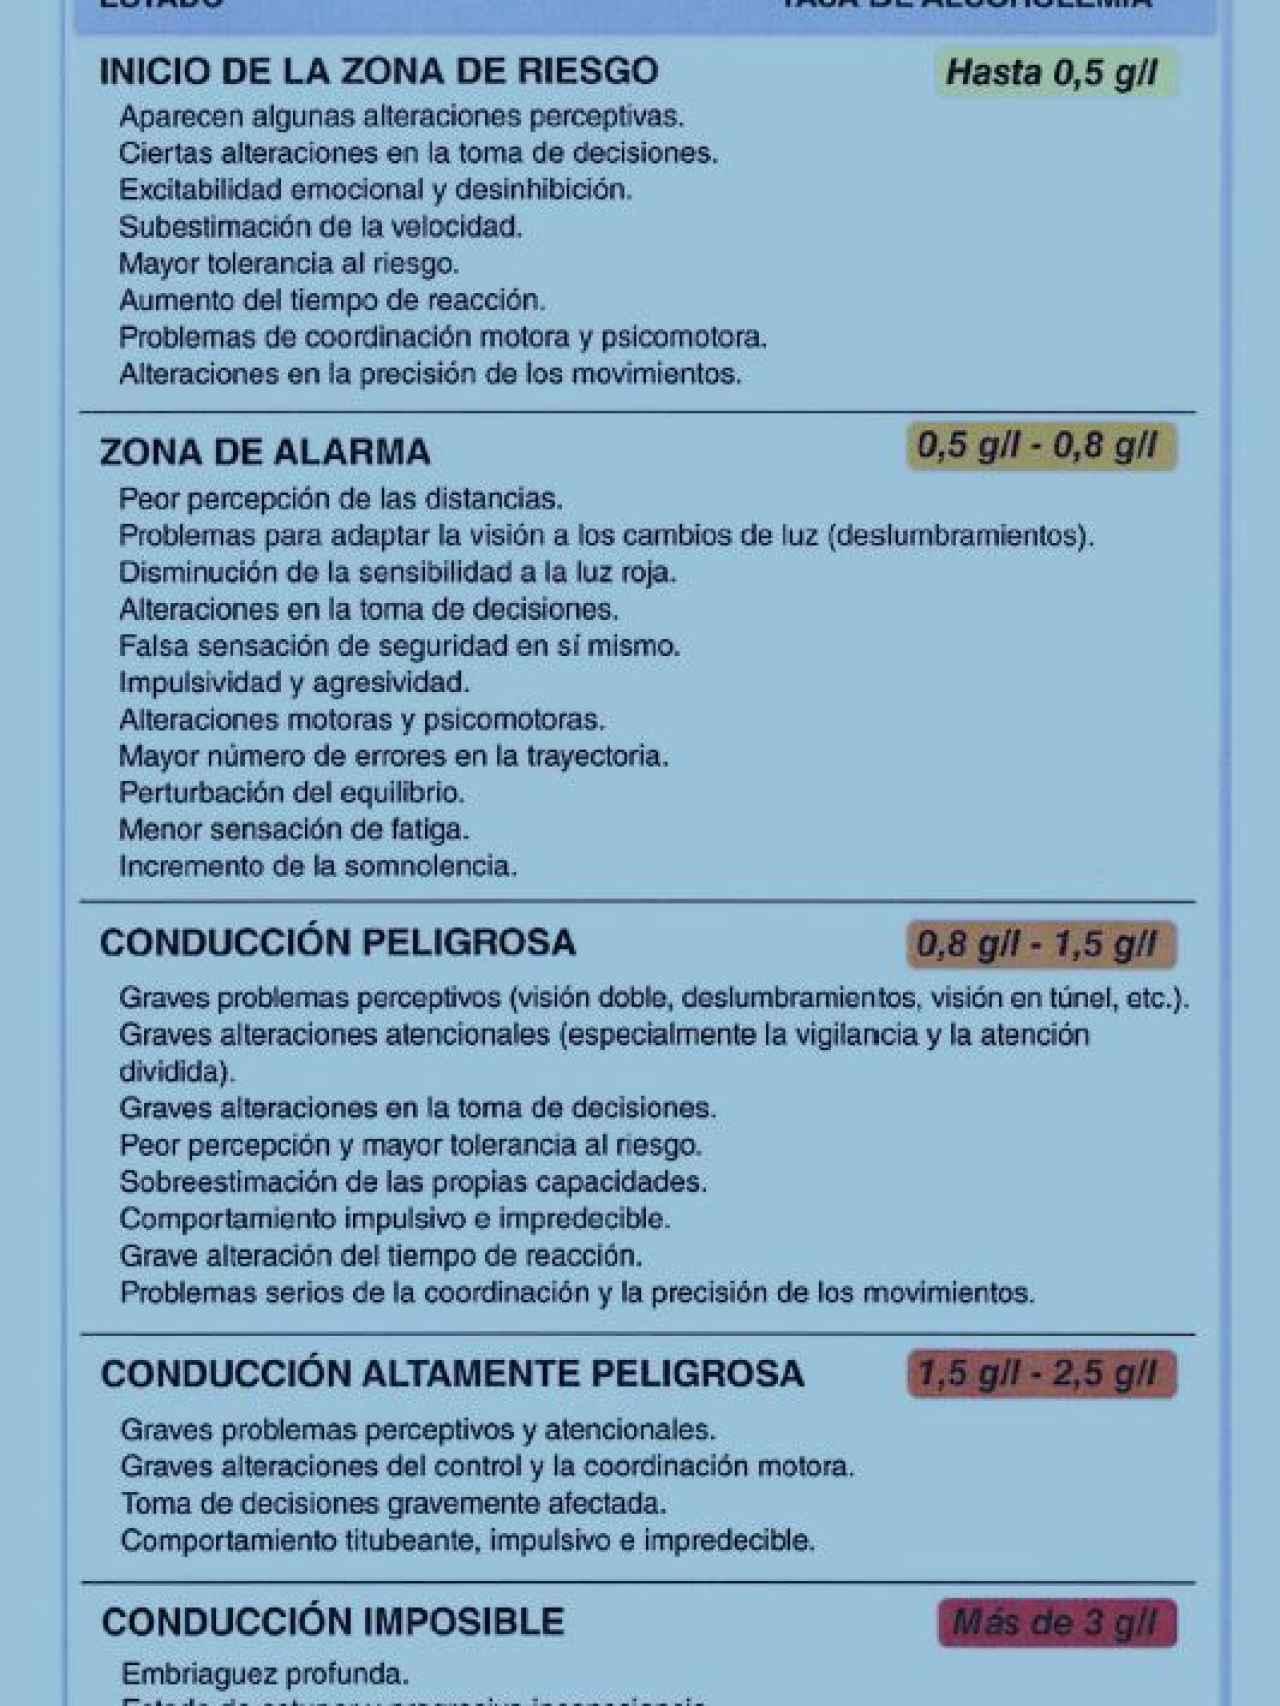 Efectos del alcohol sobre la conducción, según la Dirección General de Tráfico